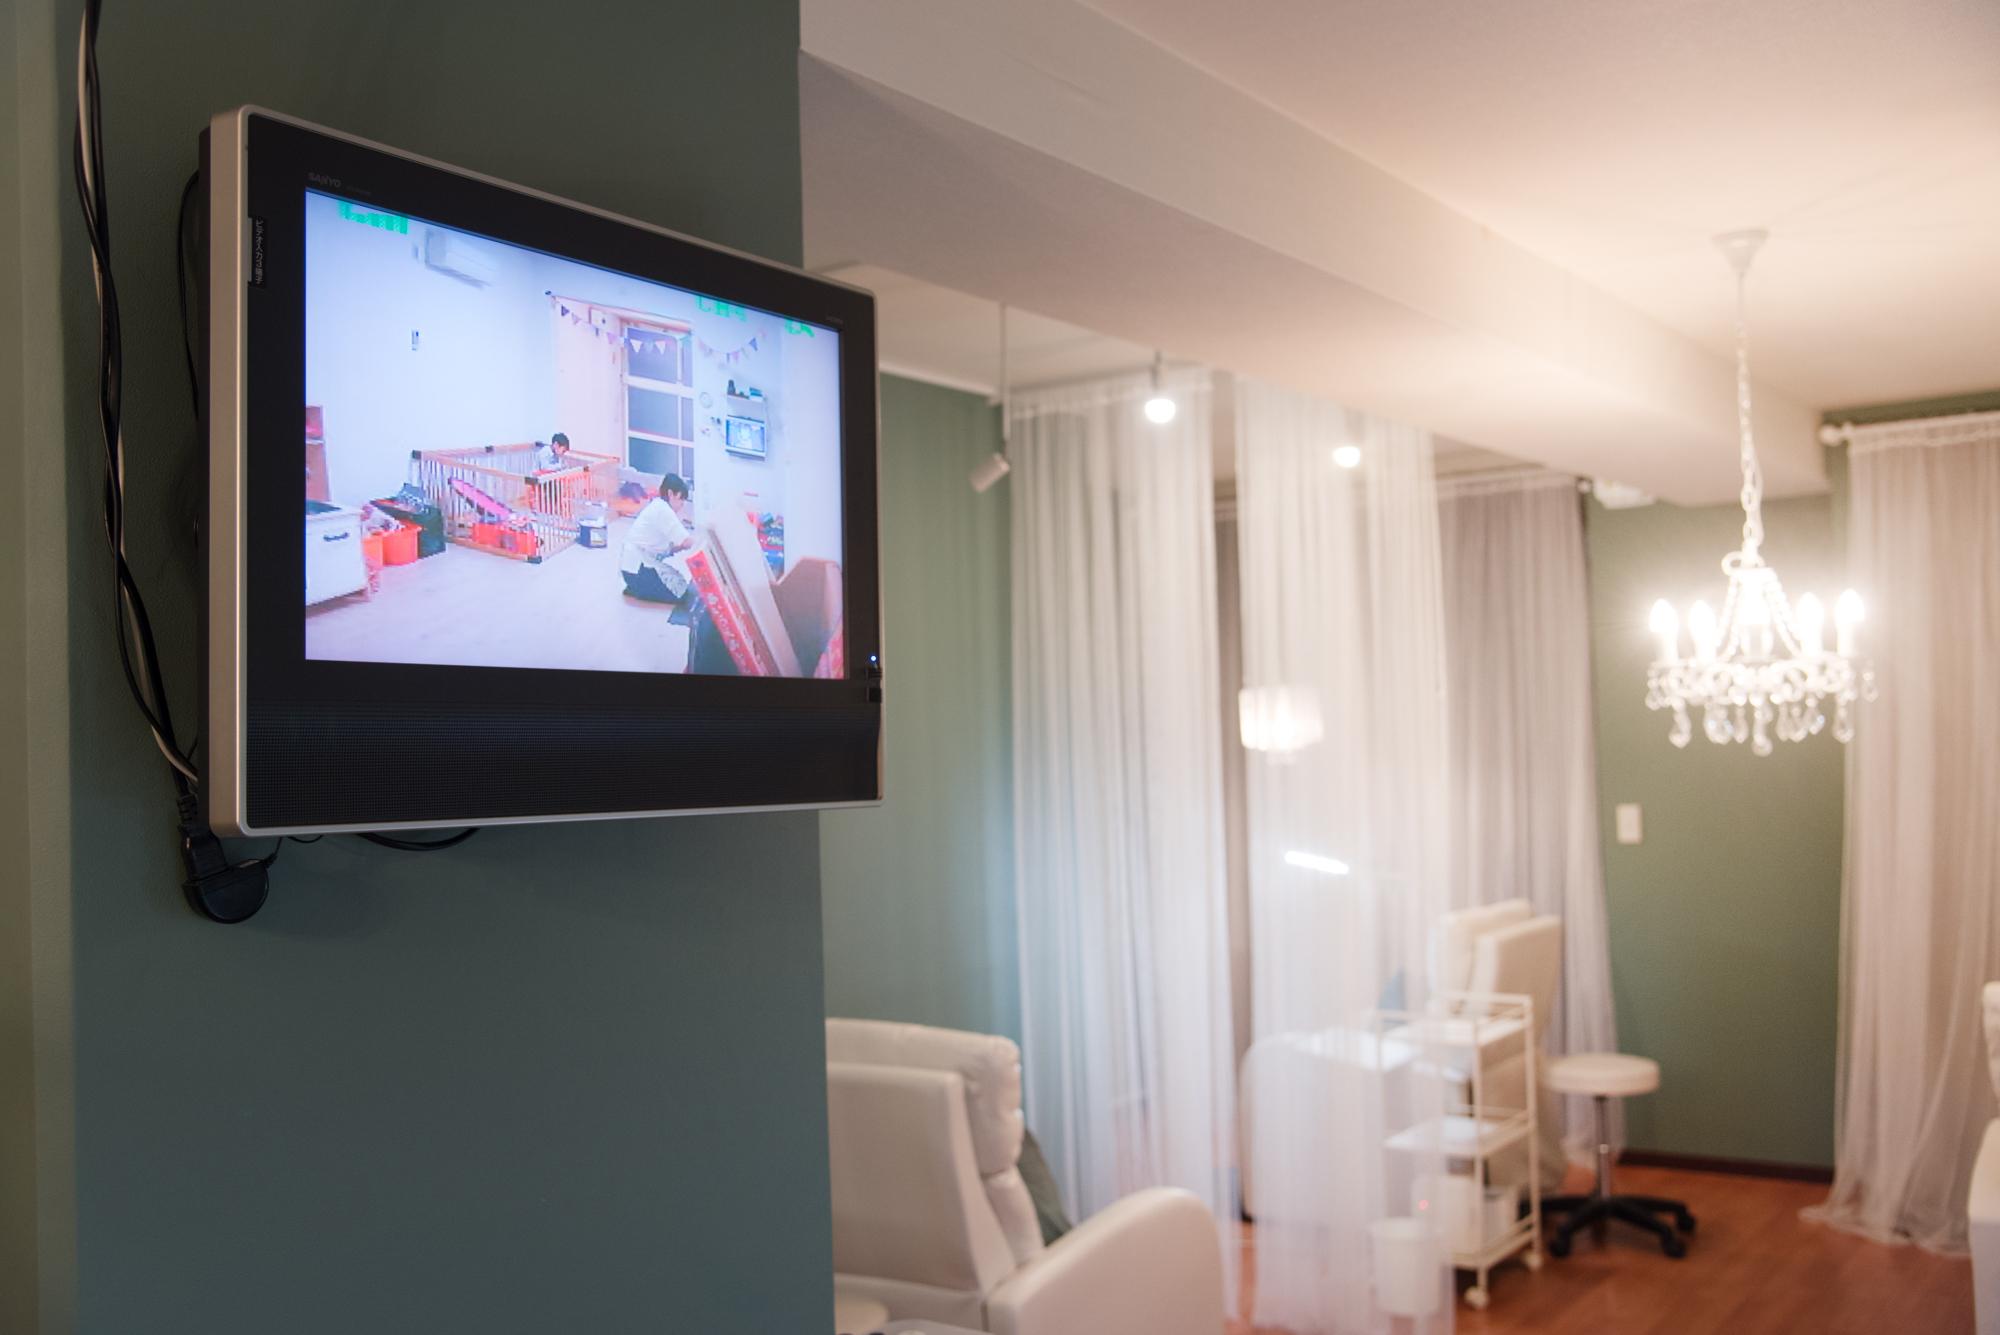 サロンには、託児施設の様子がオンタイムで見られるモニターを設置